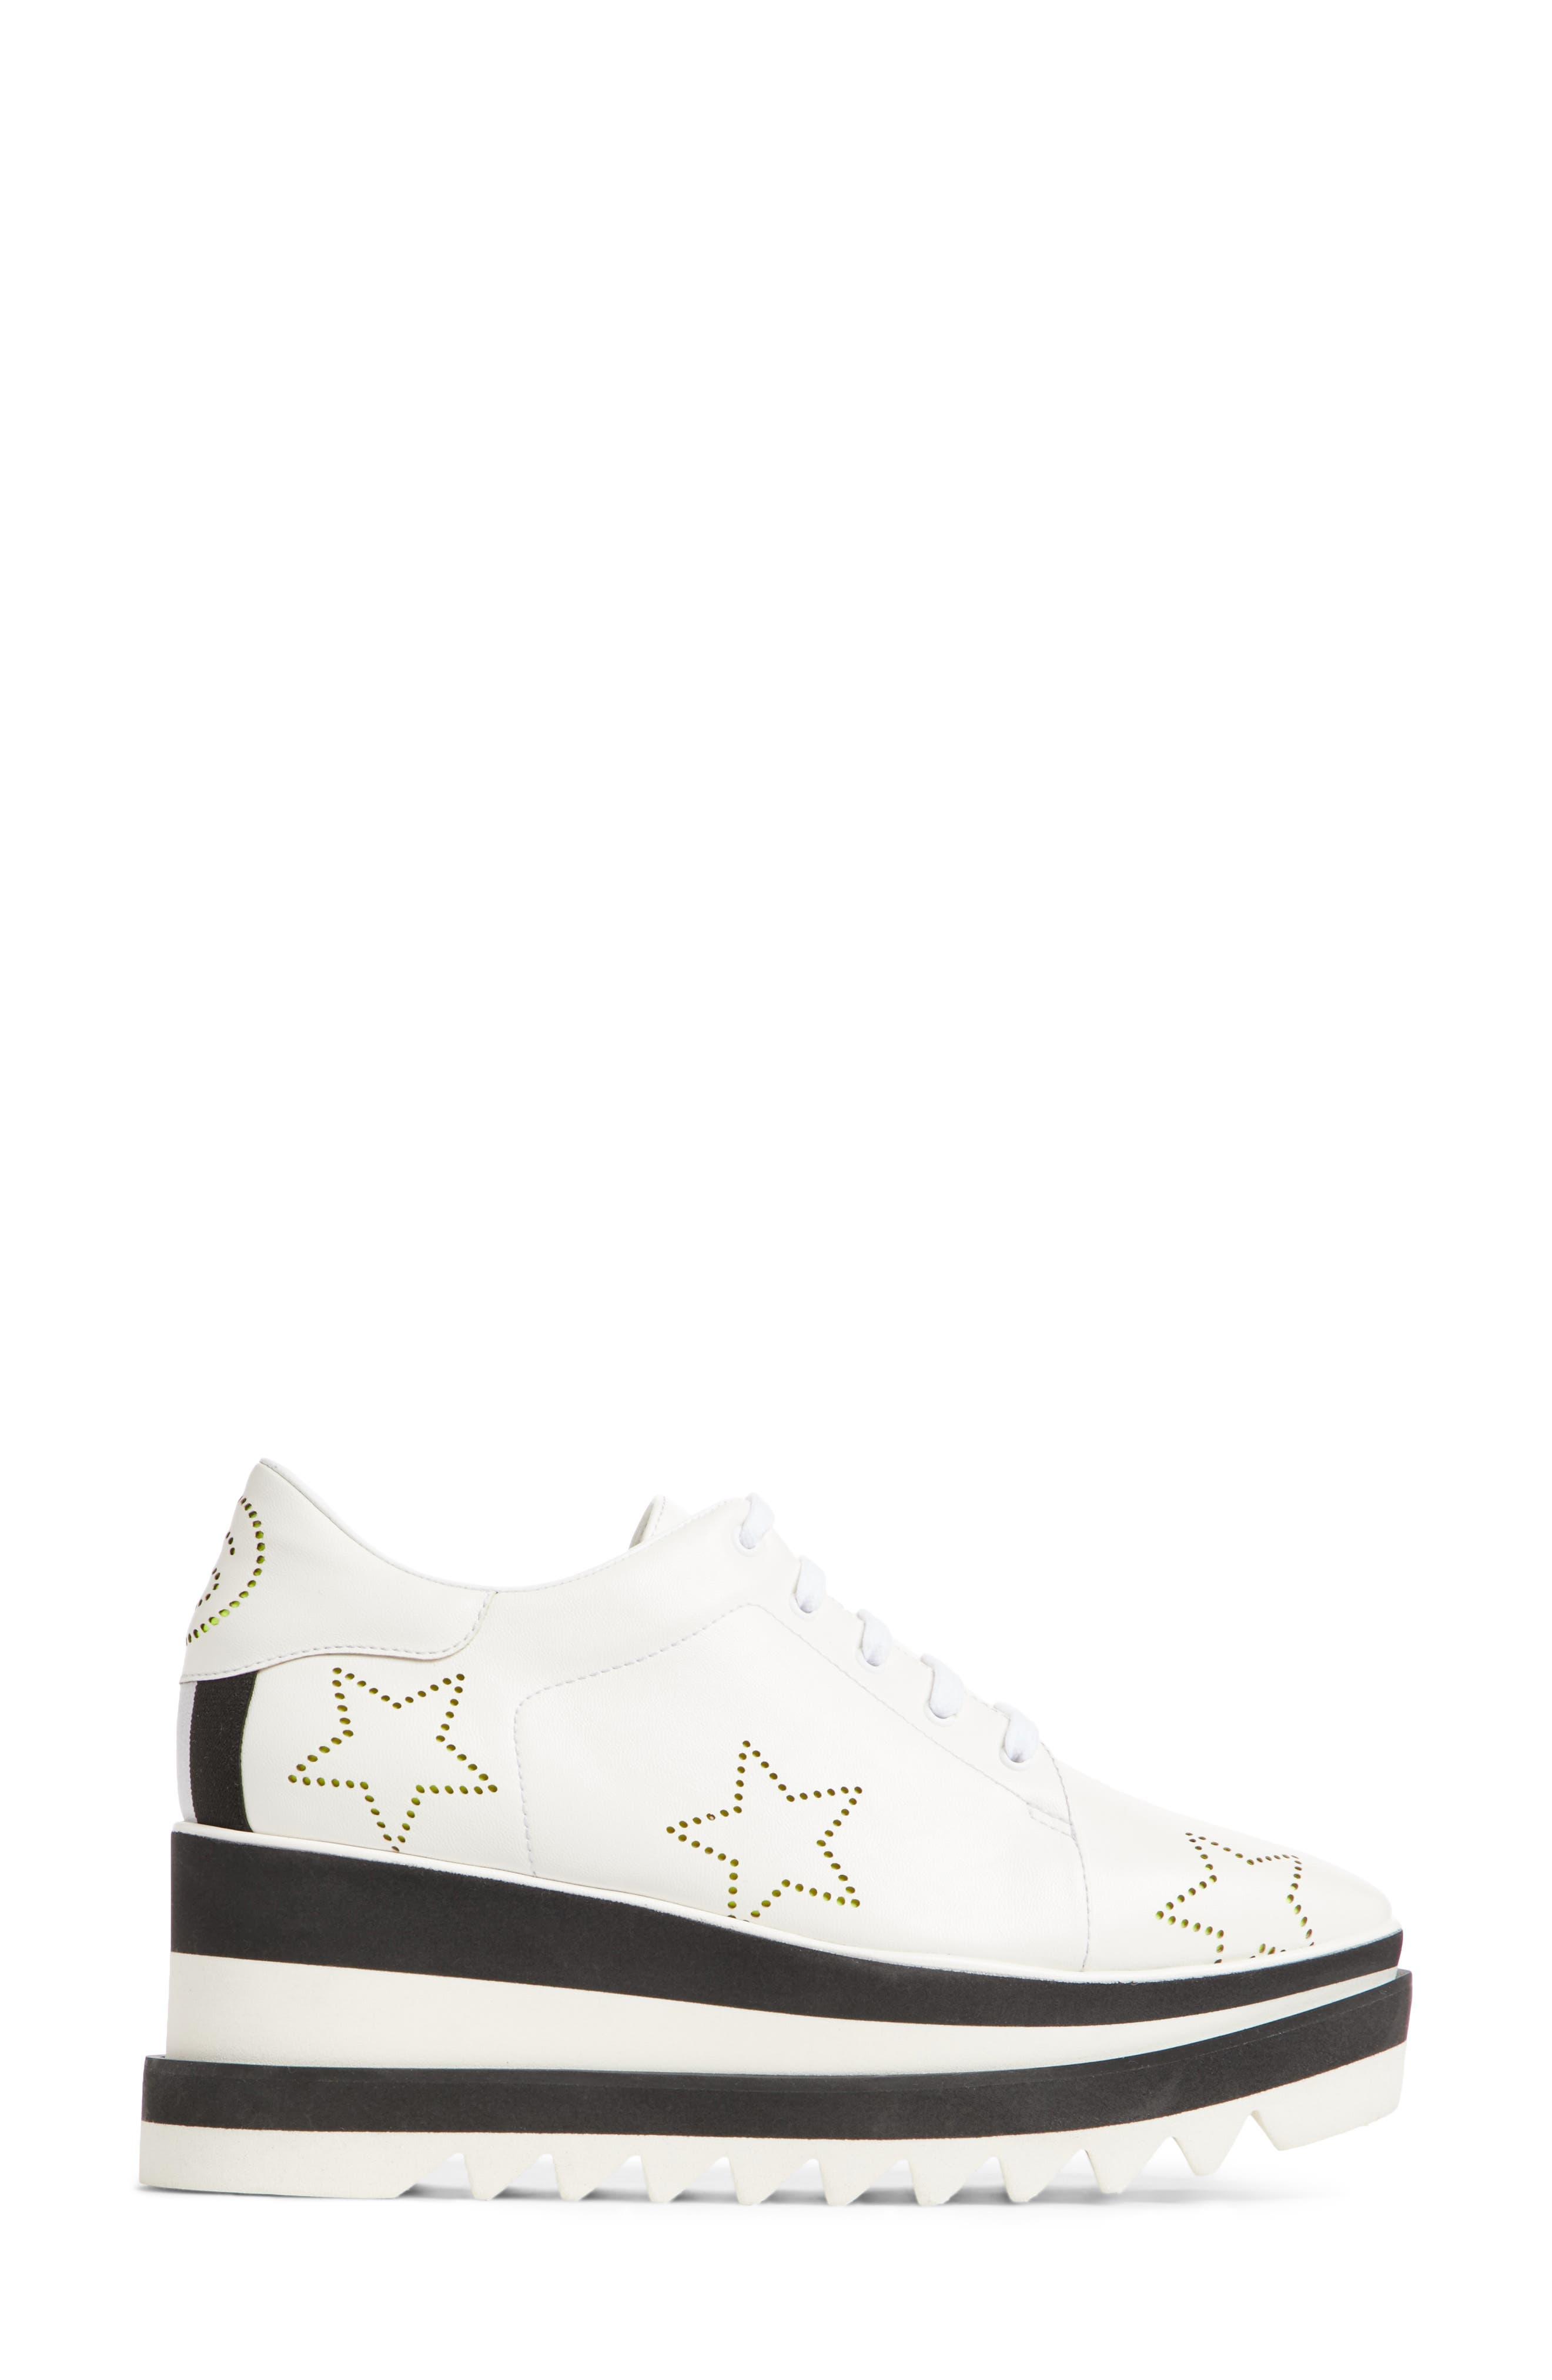 Elyse Platform Sneaker,                             Alternate thumbnail 3, color,                             White